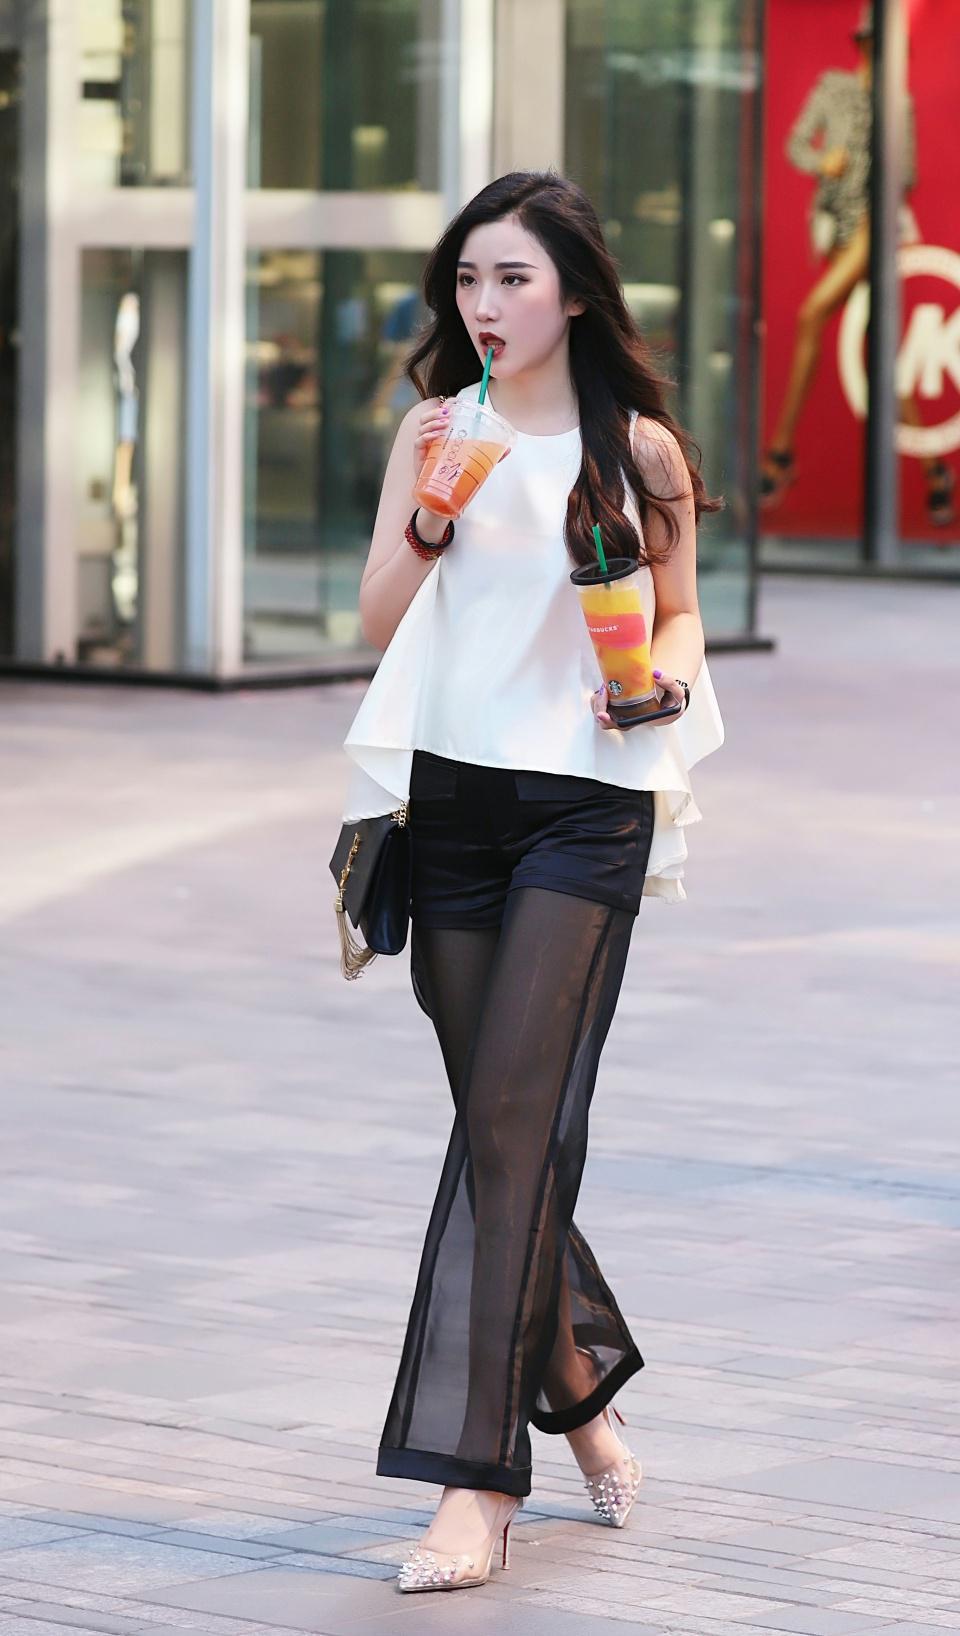 六月中旬,街上的时尚女孩又多了起来,有没有让你心动的?